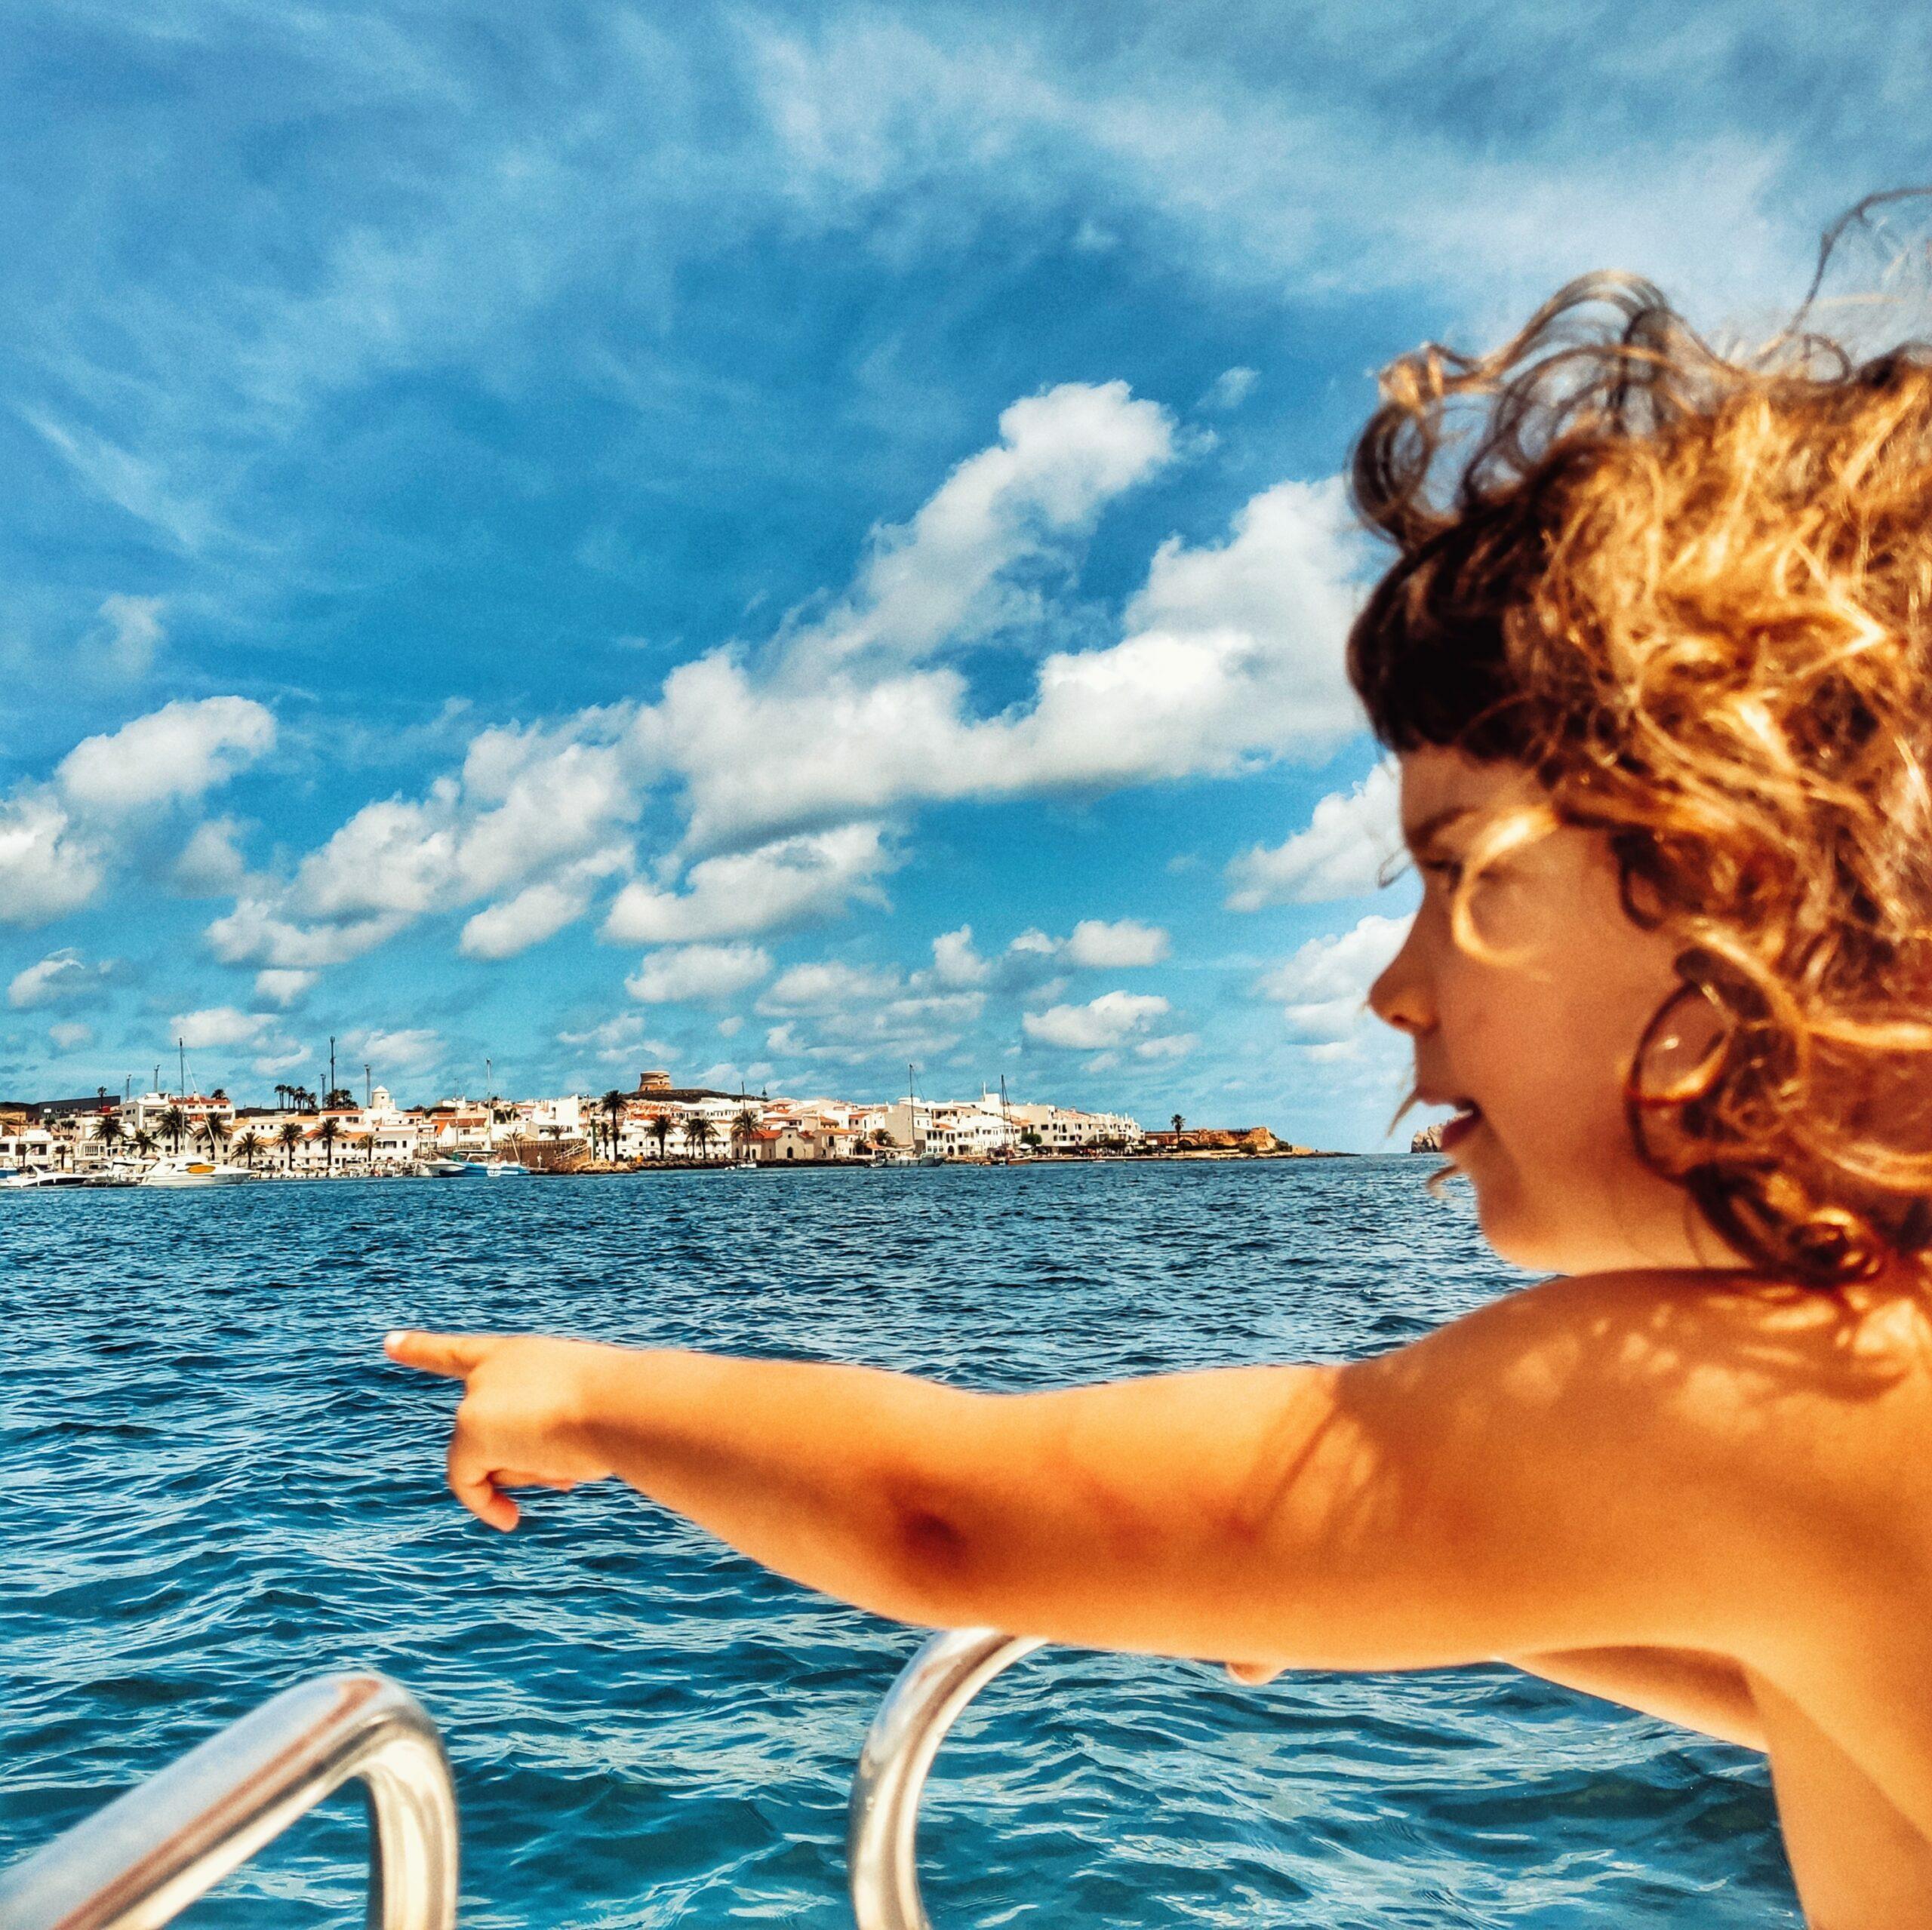 En aquest moment estàs veient Fornells en autocaravana, un dels pobles més bonics de Menorca 'i amb llagosta de postres!